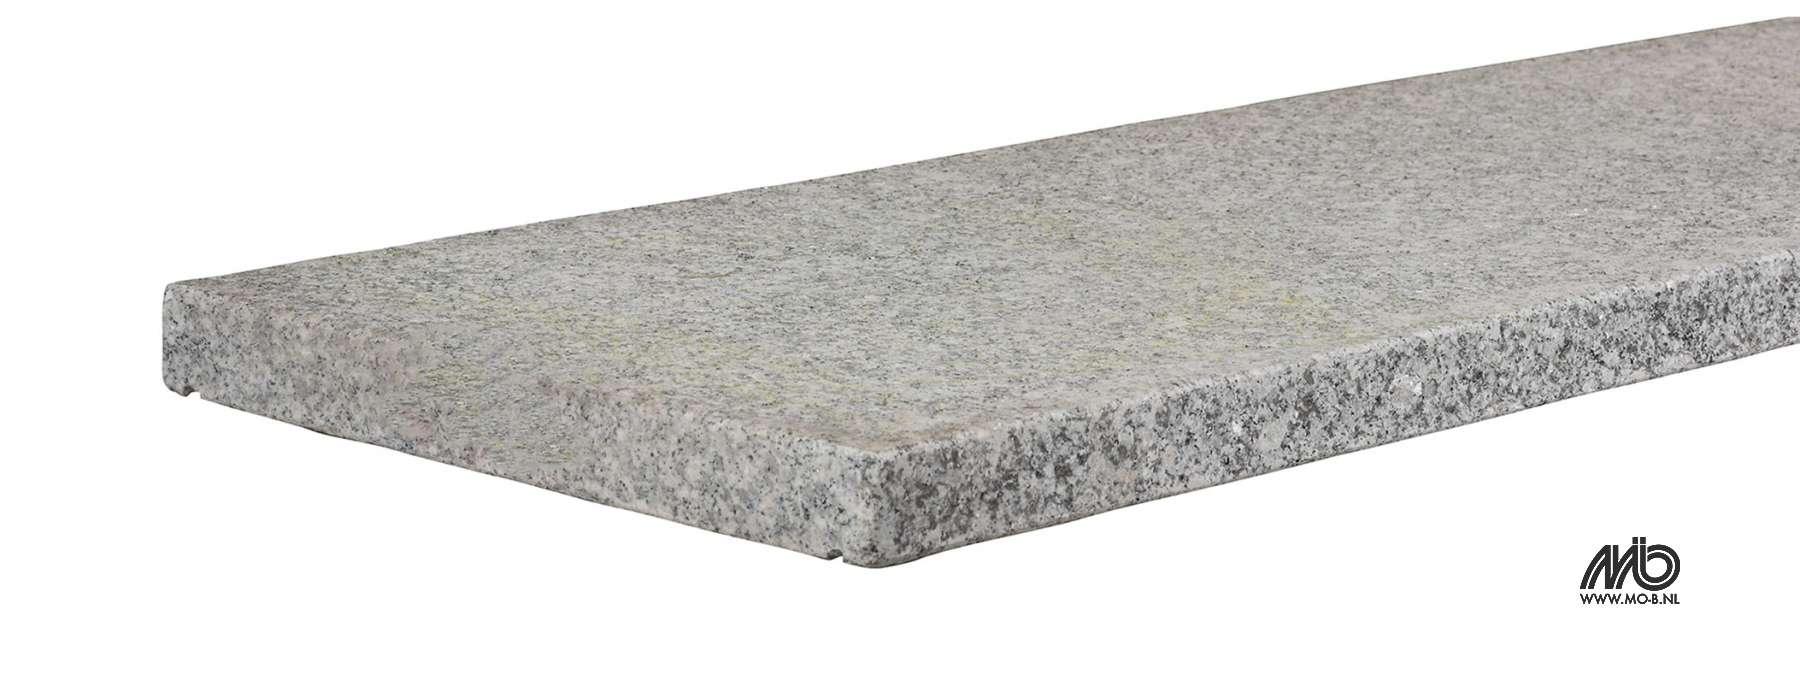 couvre mur en granit gris blanc avec goutte d 39 eau jardivrac. Black Bedroom Furniture Sets. Home Design Ideas